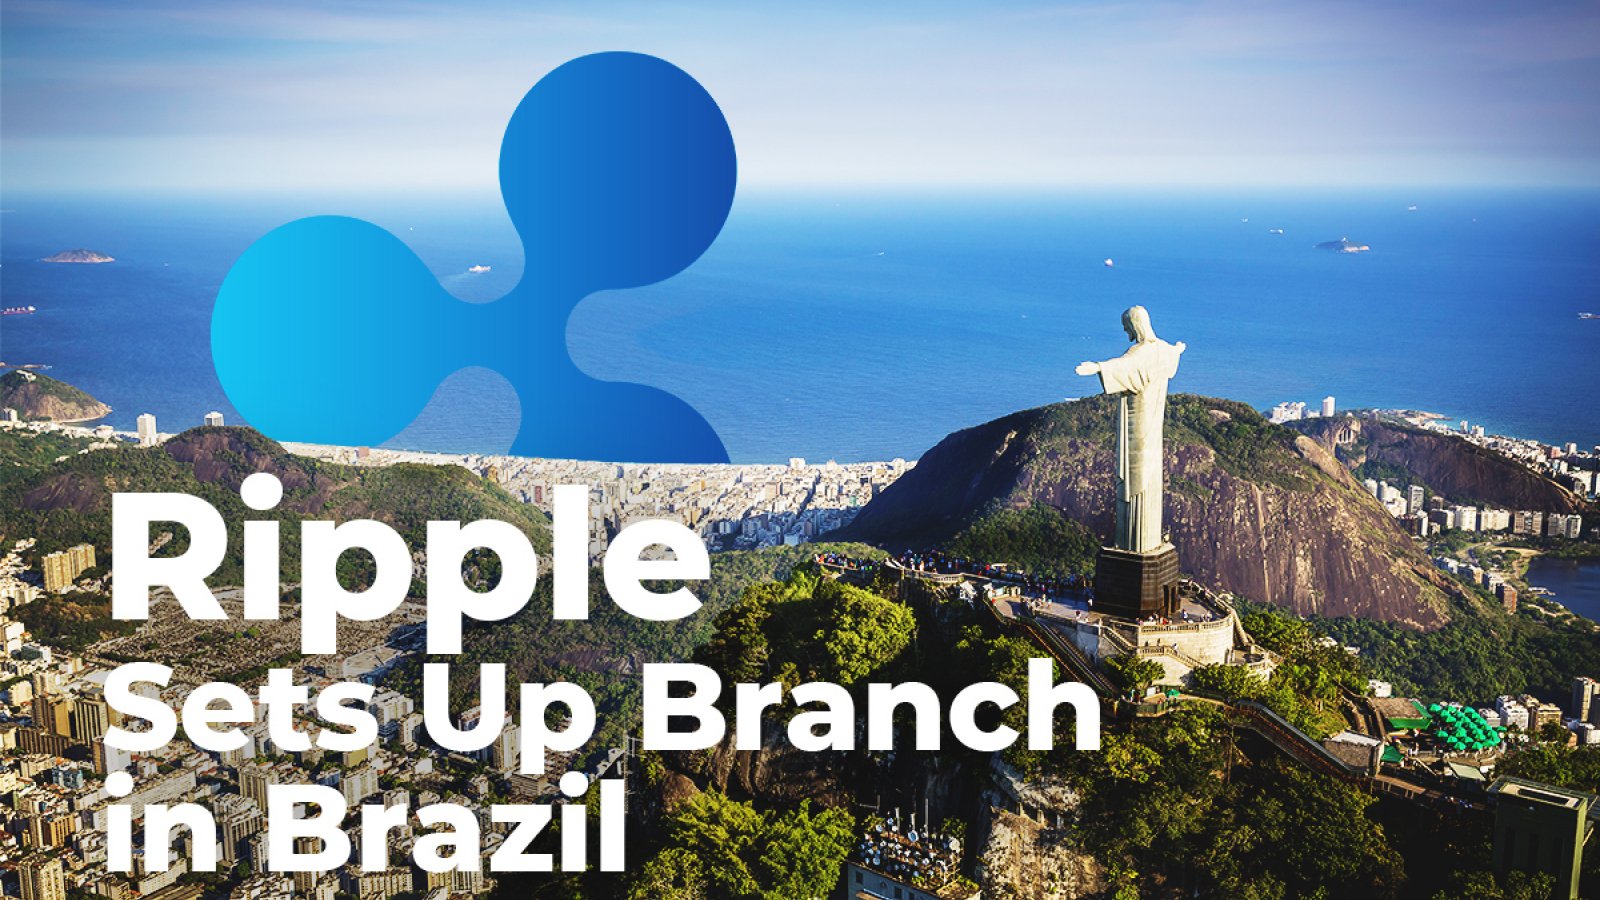 Ripple วางแผนขยายความร่วมมือกับธนาคารในบราซิลในปี 2020